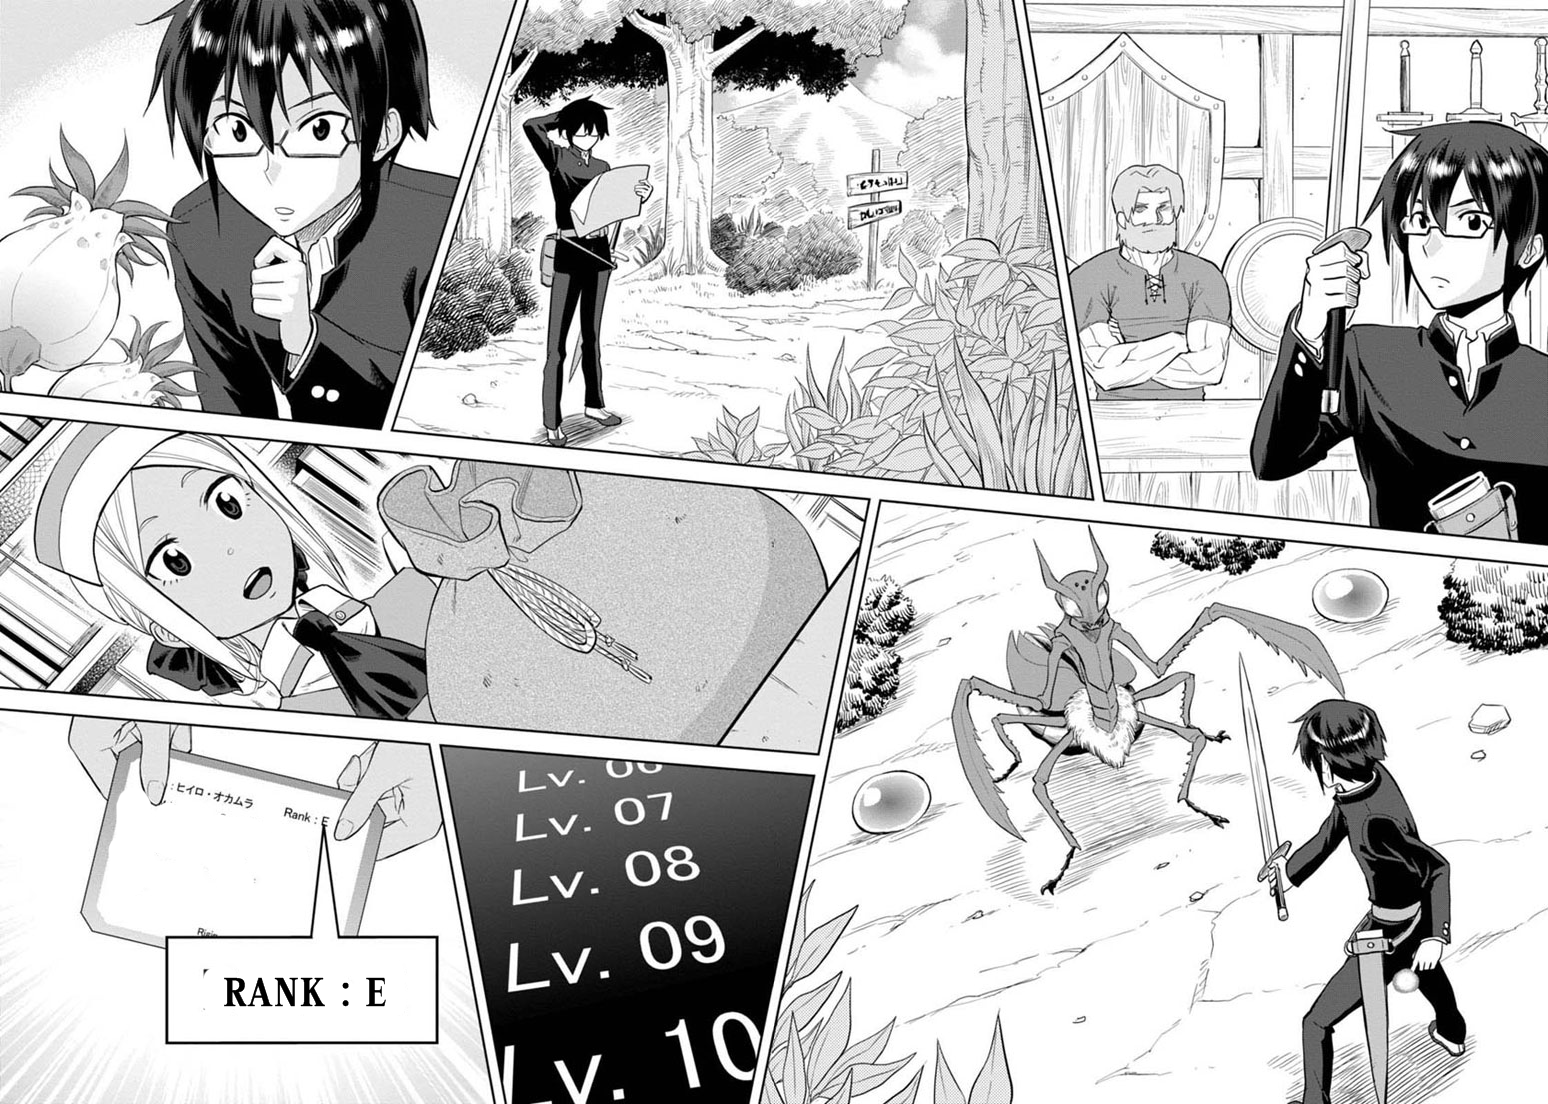 อ่านการ์ตูน Konjiki no Word Master 3 ภาพที่ 19